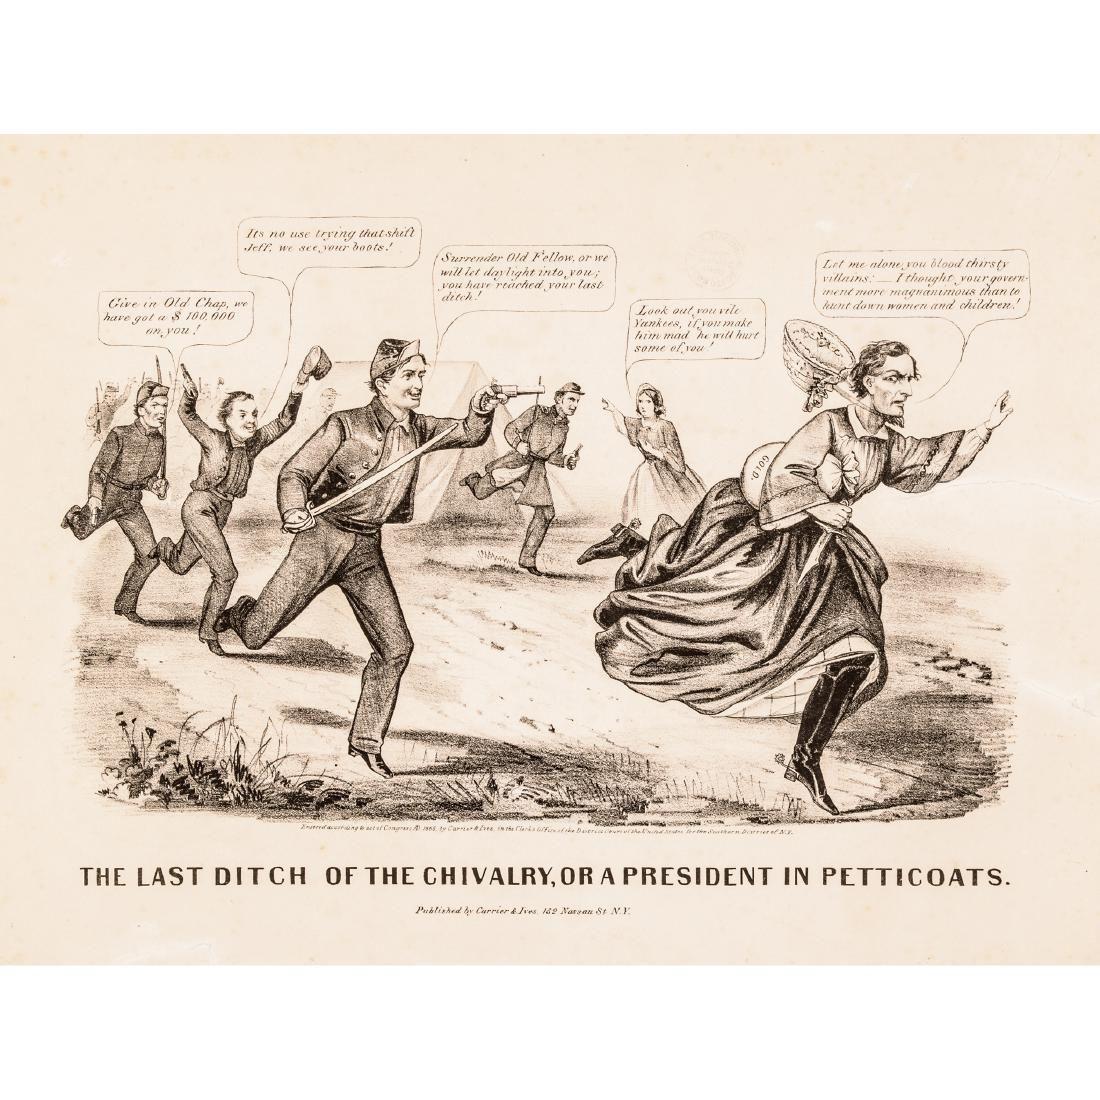 1865 Civil War Currier + Ives Political Cartoon